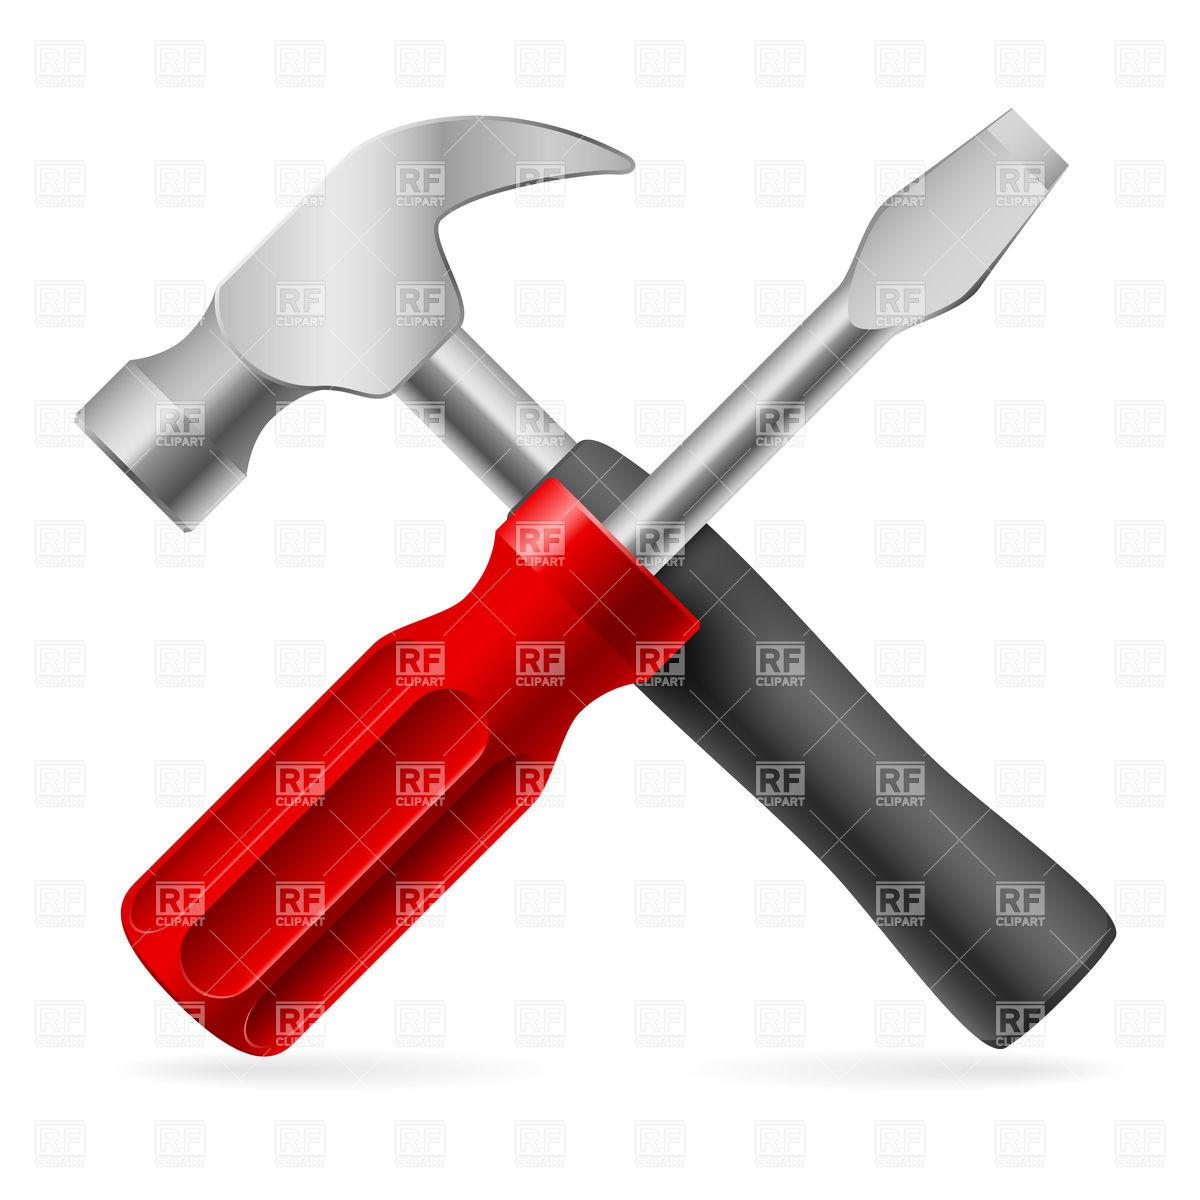 Tools Clip Art | Clipart Panda - Free Clipart Images